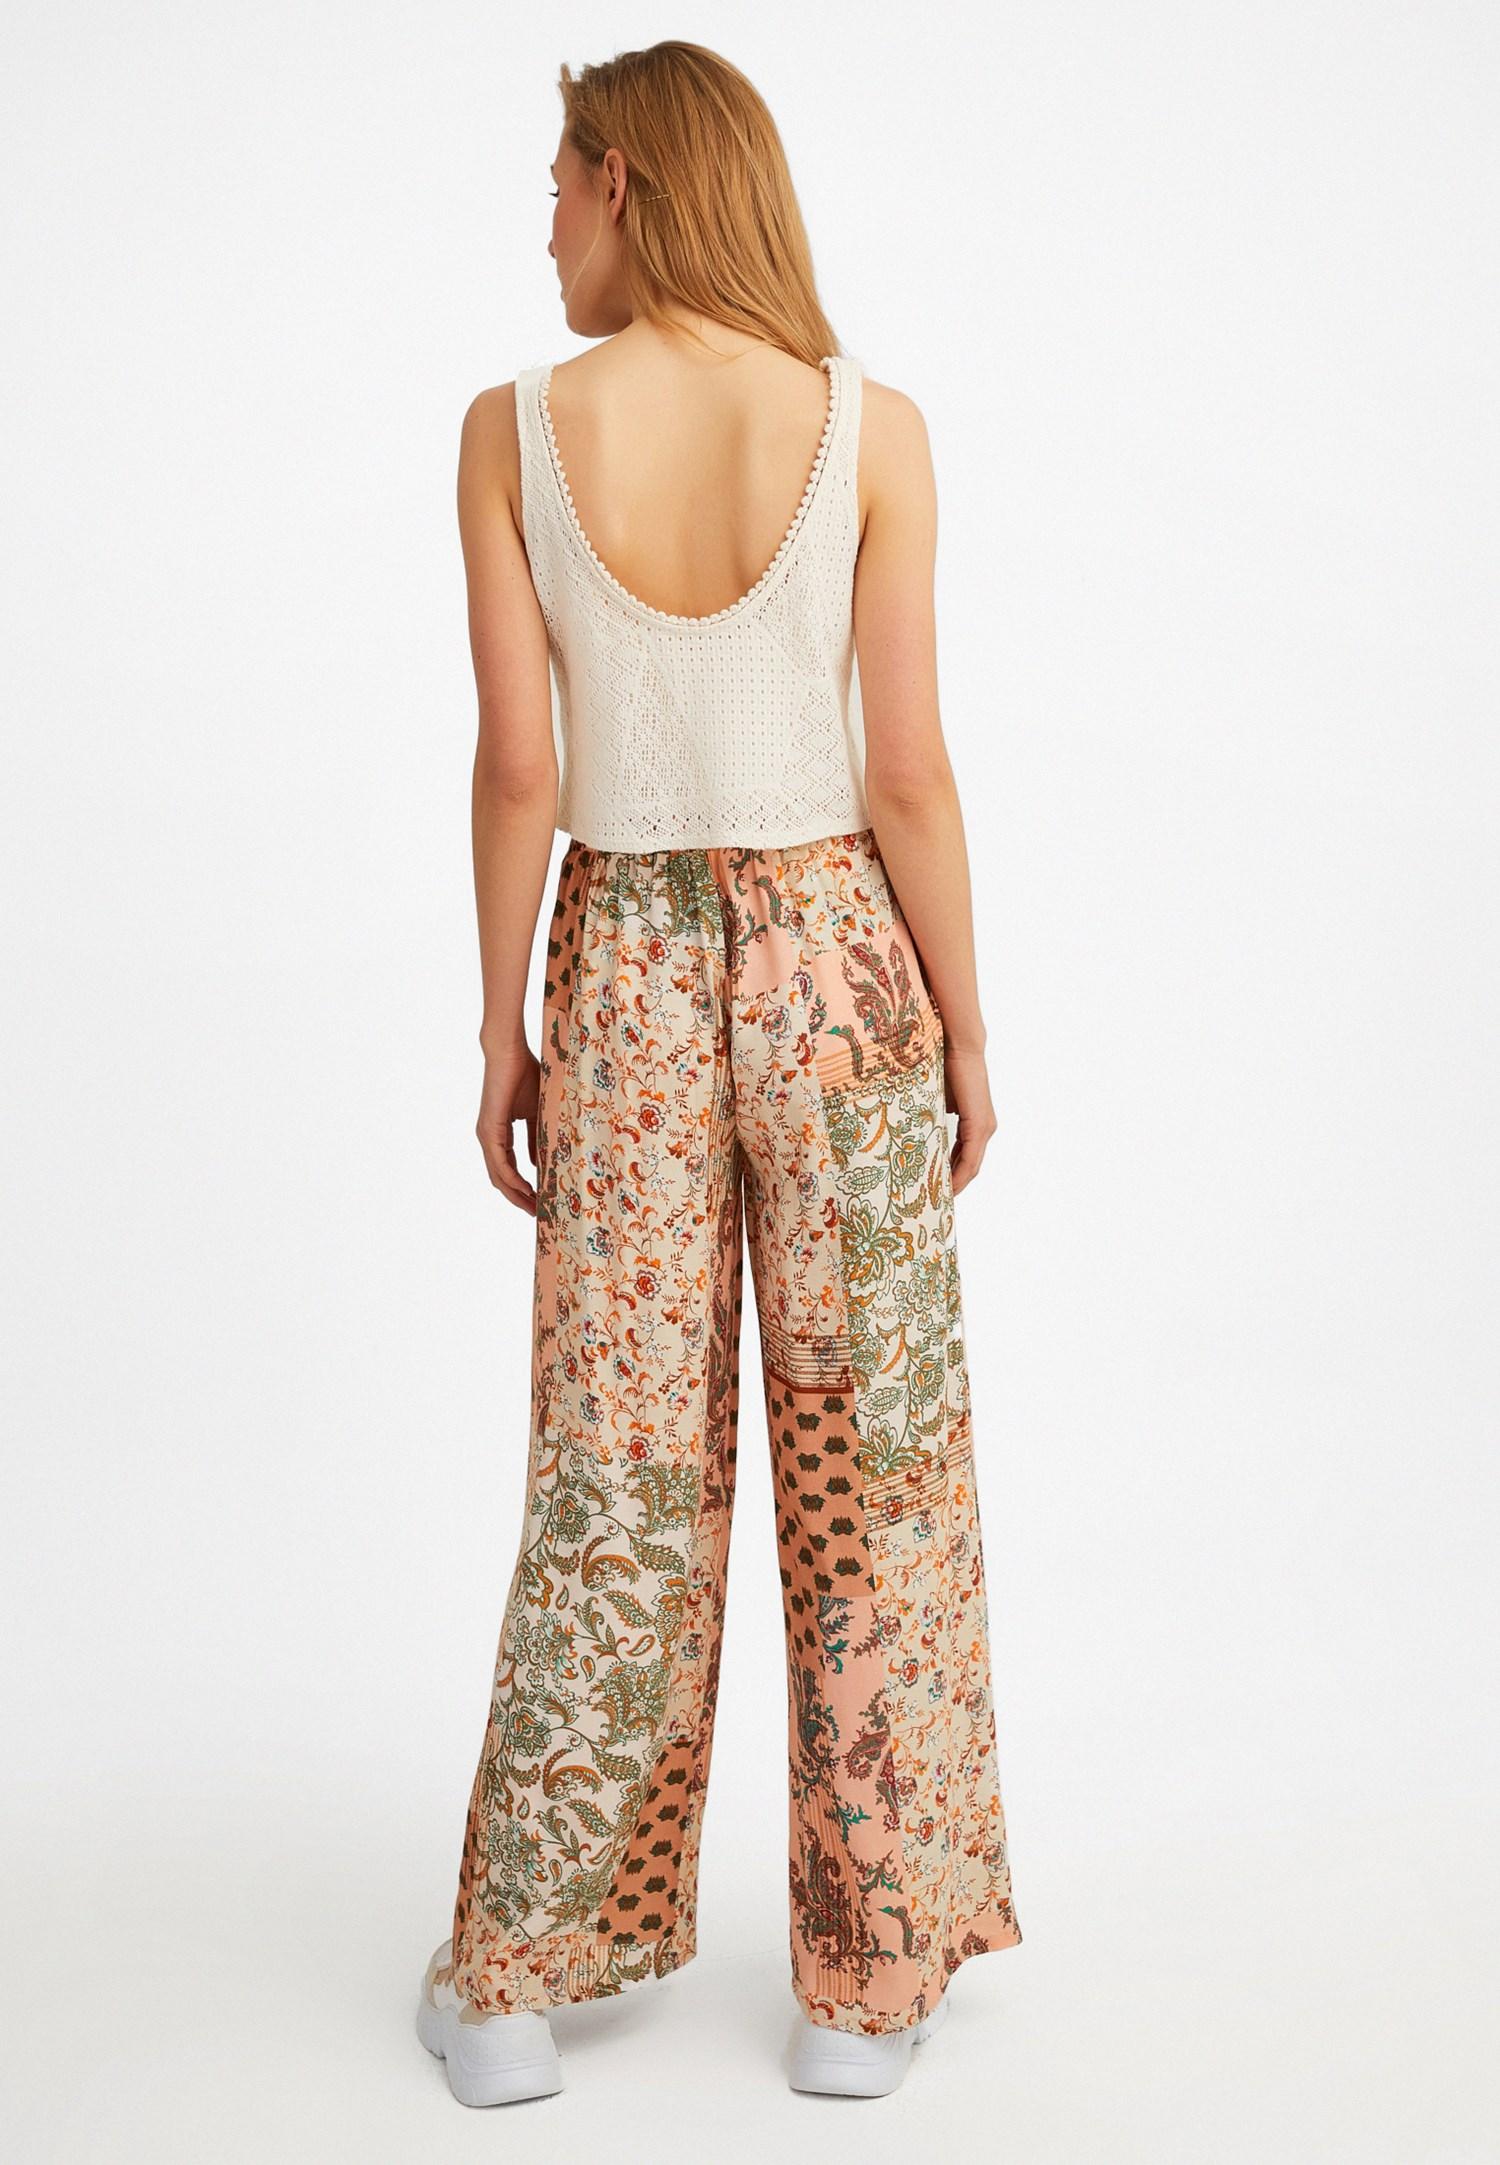 Bayan Çok Renkli Beli Bağlamalı Bol Pantolon